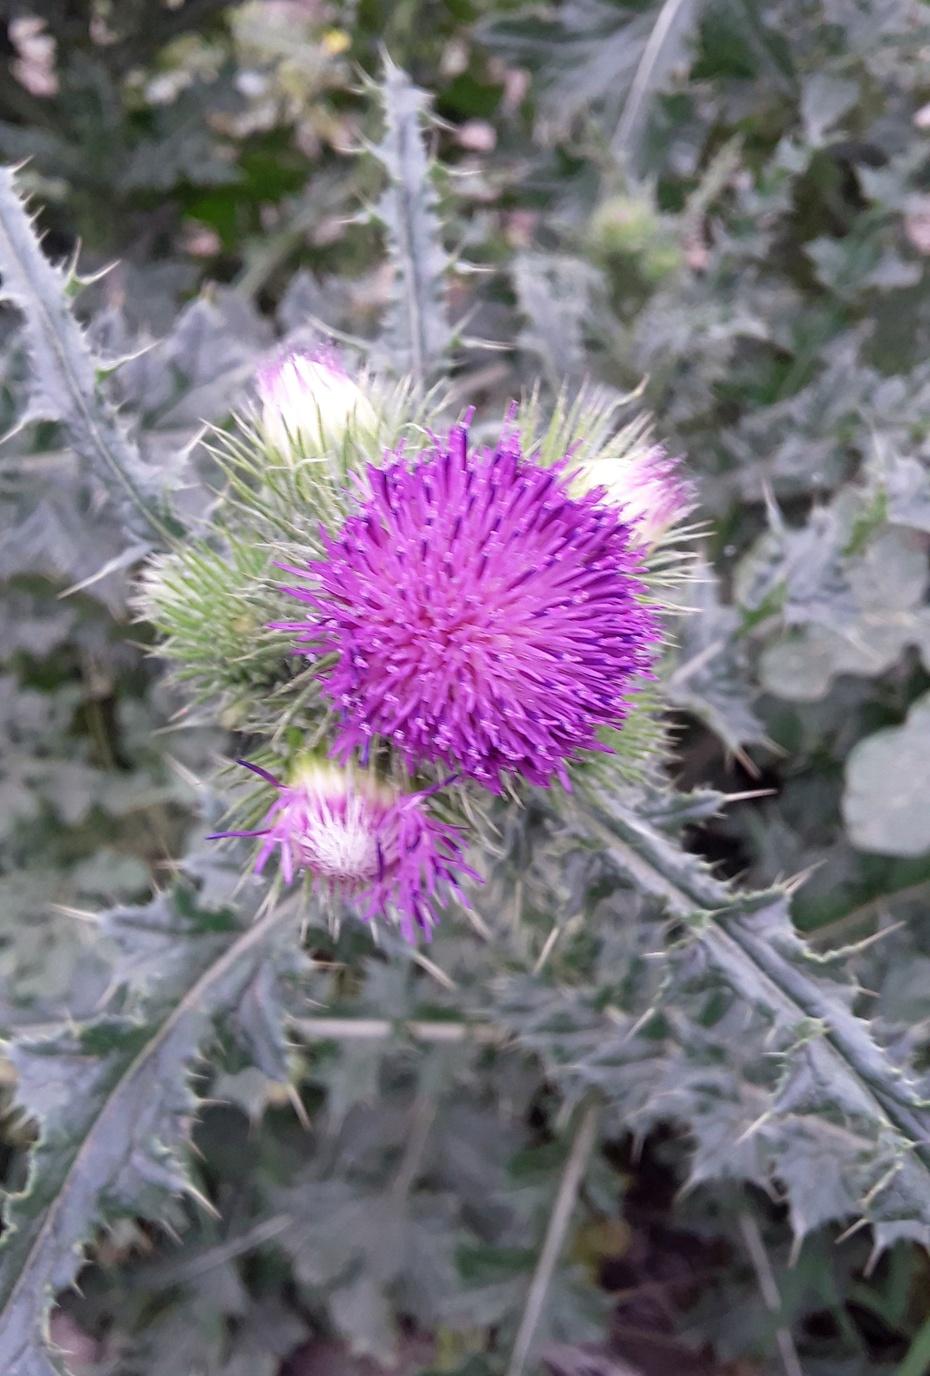 赏花之:刺儿菜花 - 淡淡云 - 淡淡云